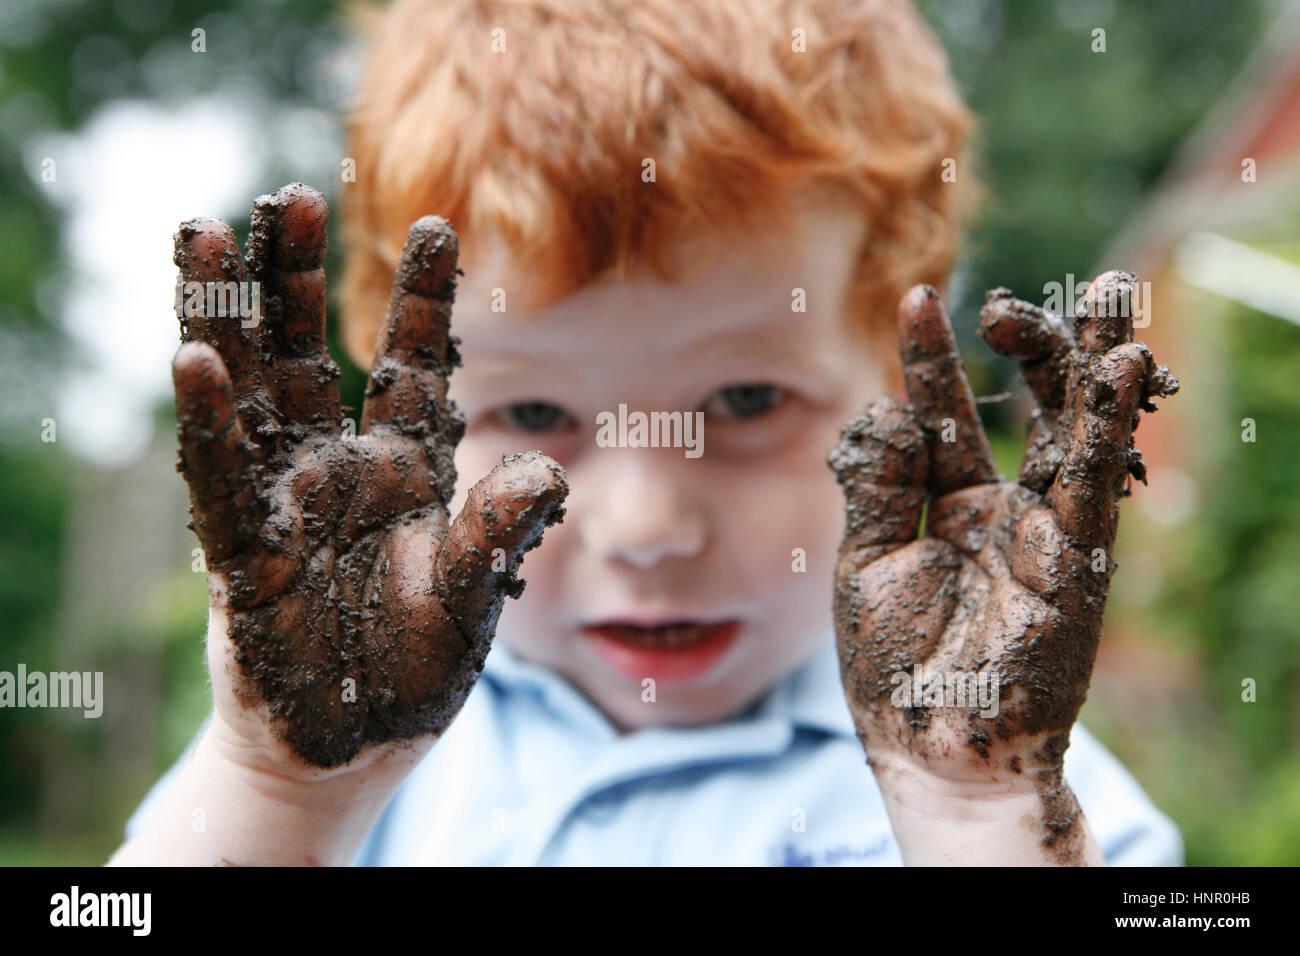 Ein Kind hält seinen schlammigen Hände Stockbild